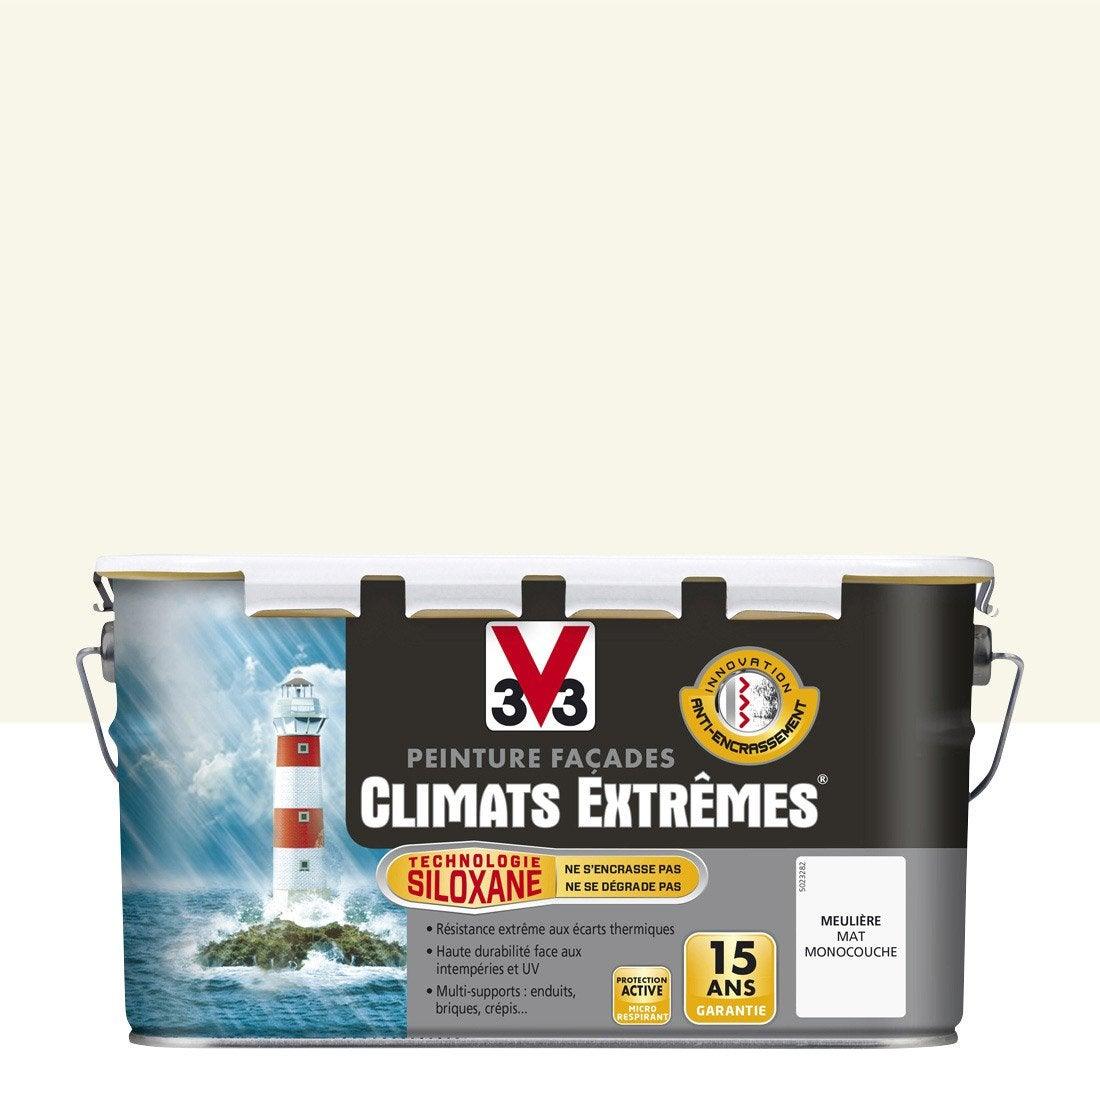 Peinture fa ade climats extr mes v33 meuli re 2 5 l for Peinture haute temperature leroy merlin